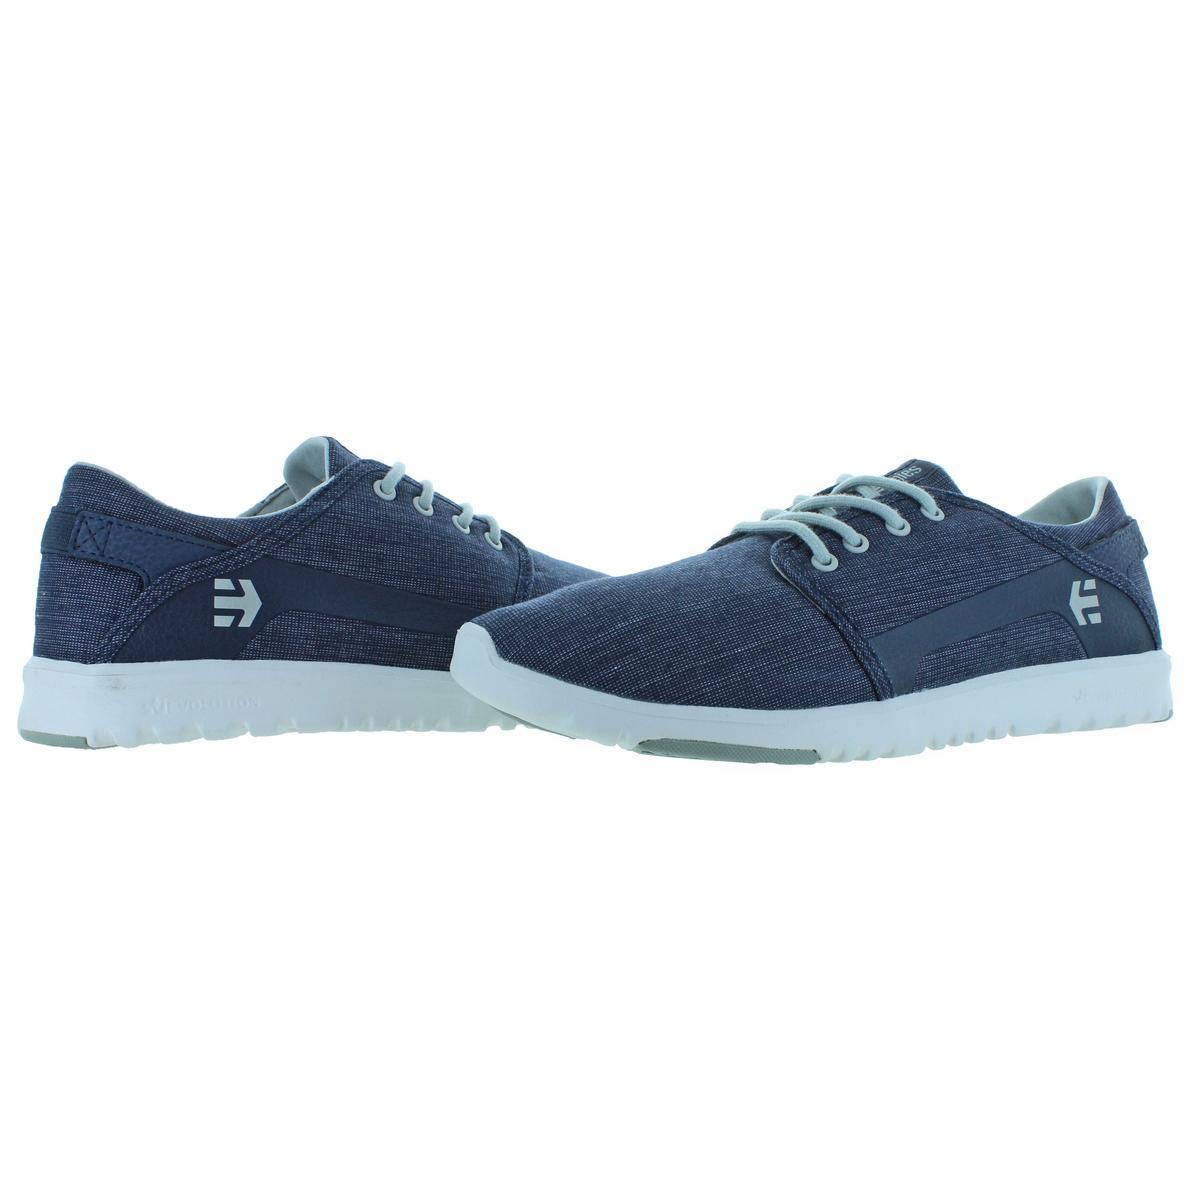 Etnies-Scout-Hommes-Leger-Athletique-Baskets-Chaussures miniature 10